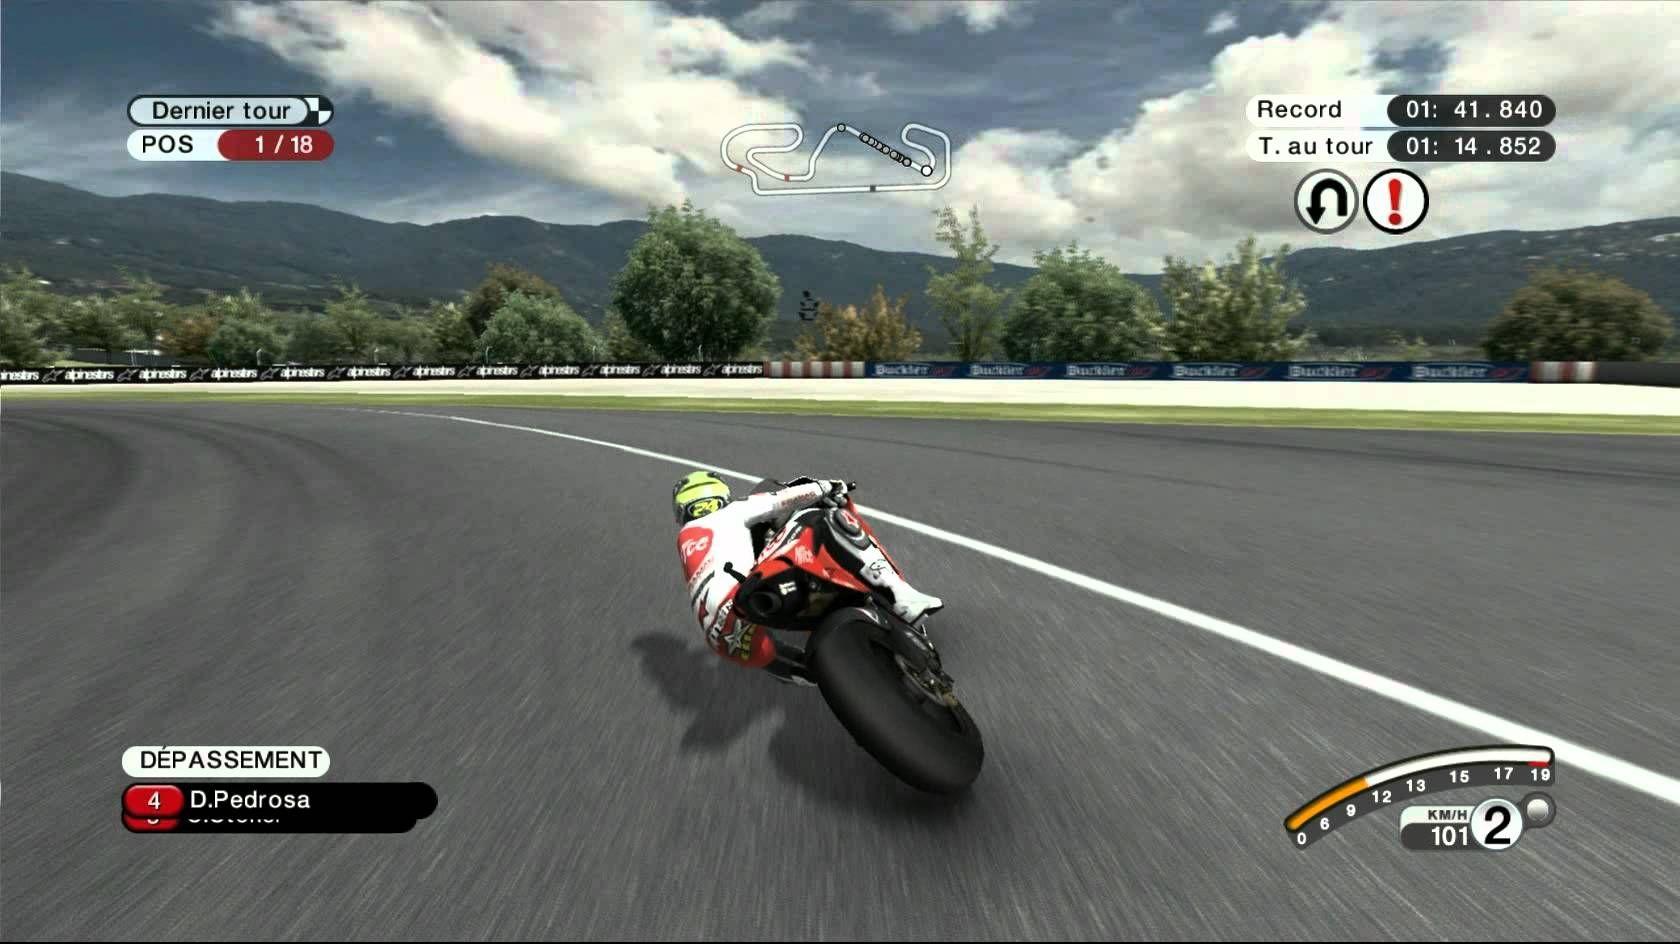 Motogp 2007 Download